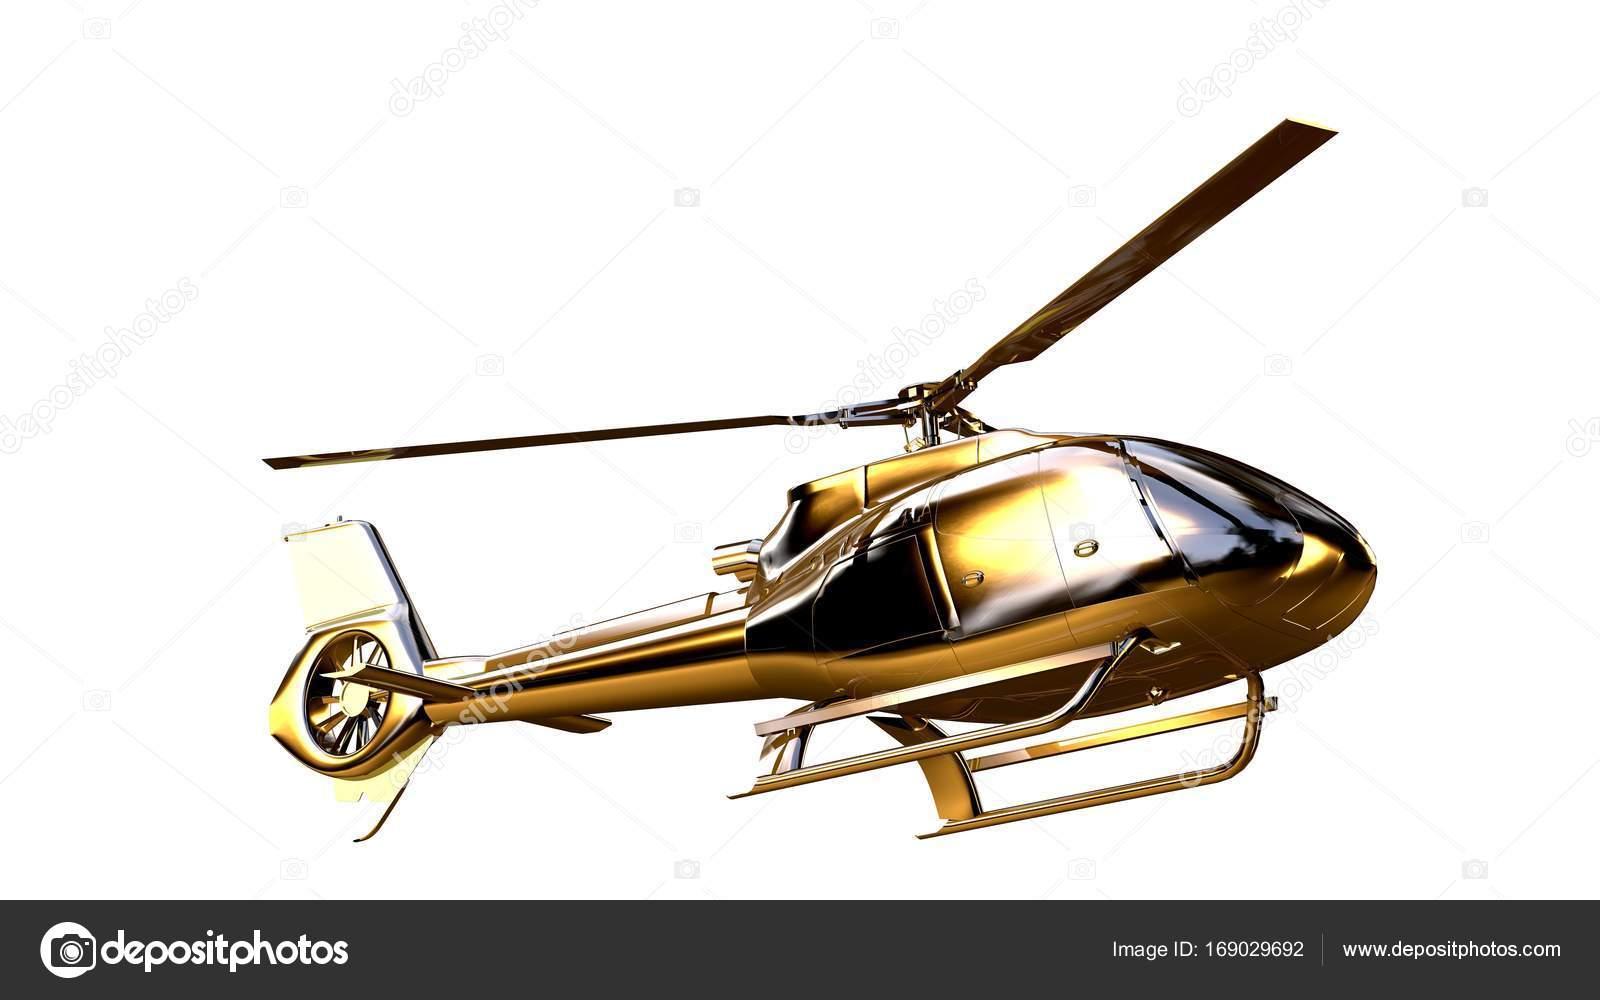 Elicottero 3d Model : L elicottero del sar alla festa di san nicola a bari gioianews